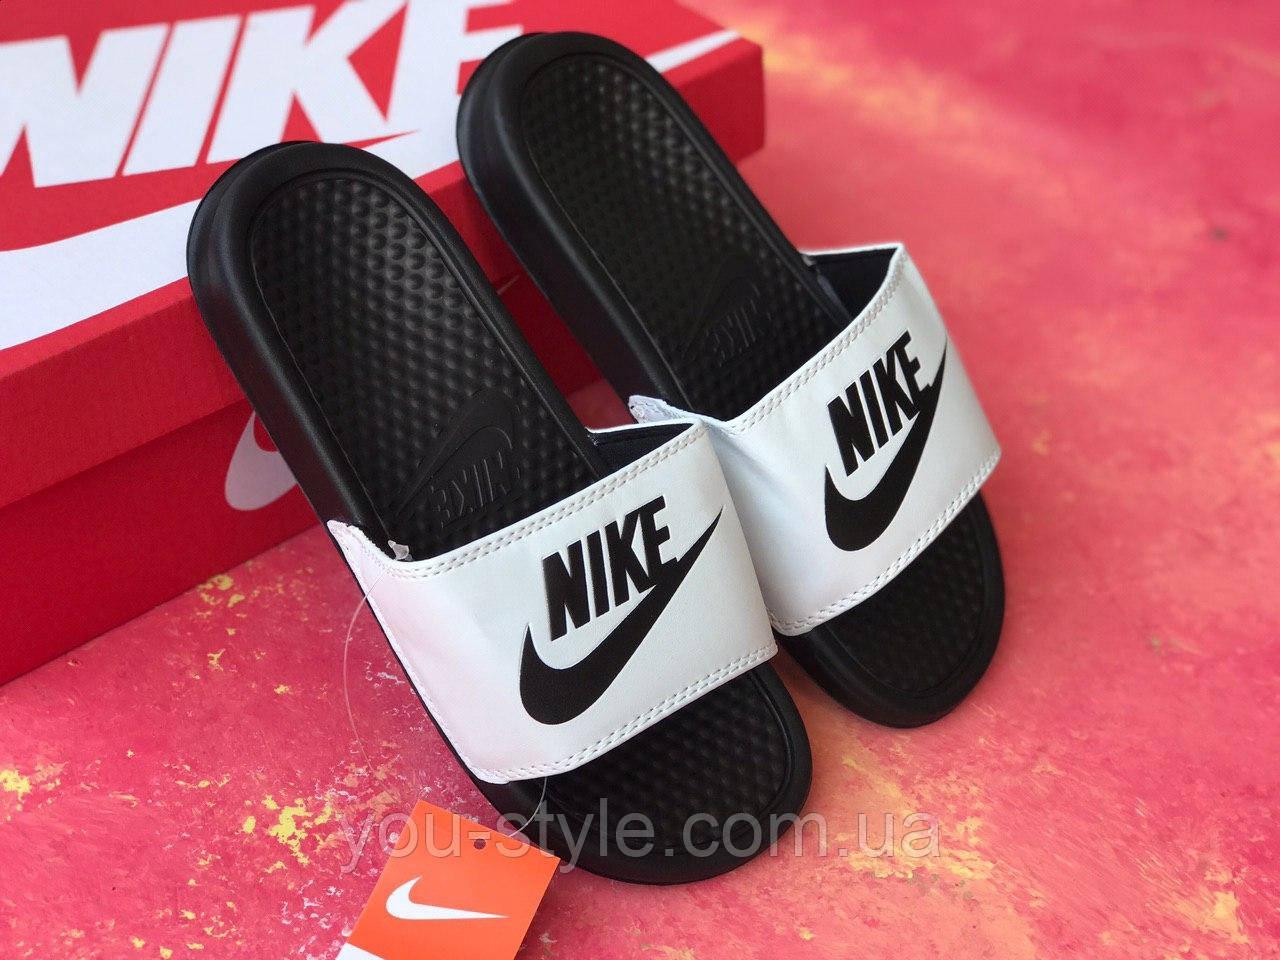 Сланцы/шлепки Nike женские(черно-белые)/ шлепки/ тапки найк/шлепанцы/тапочки